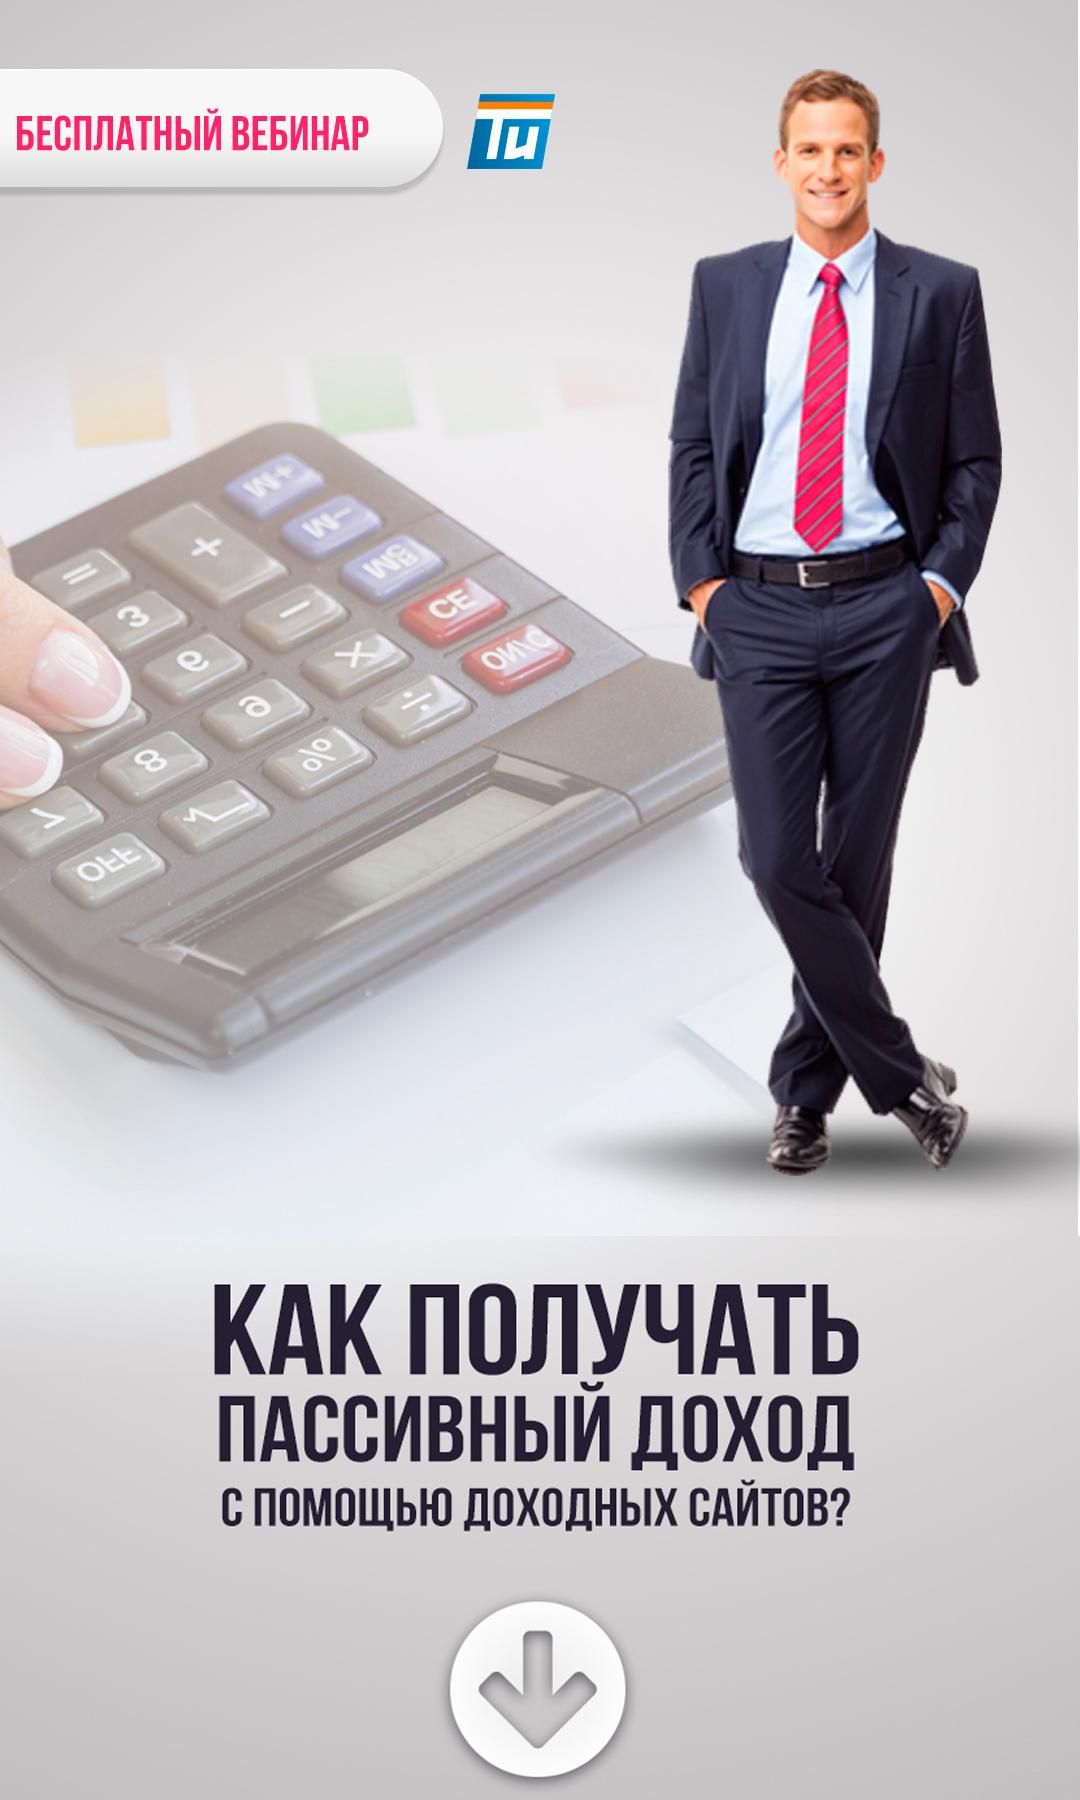 ВИДЕО - Как зарабатывать на доходных сайтах!